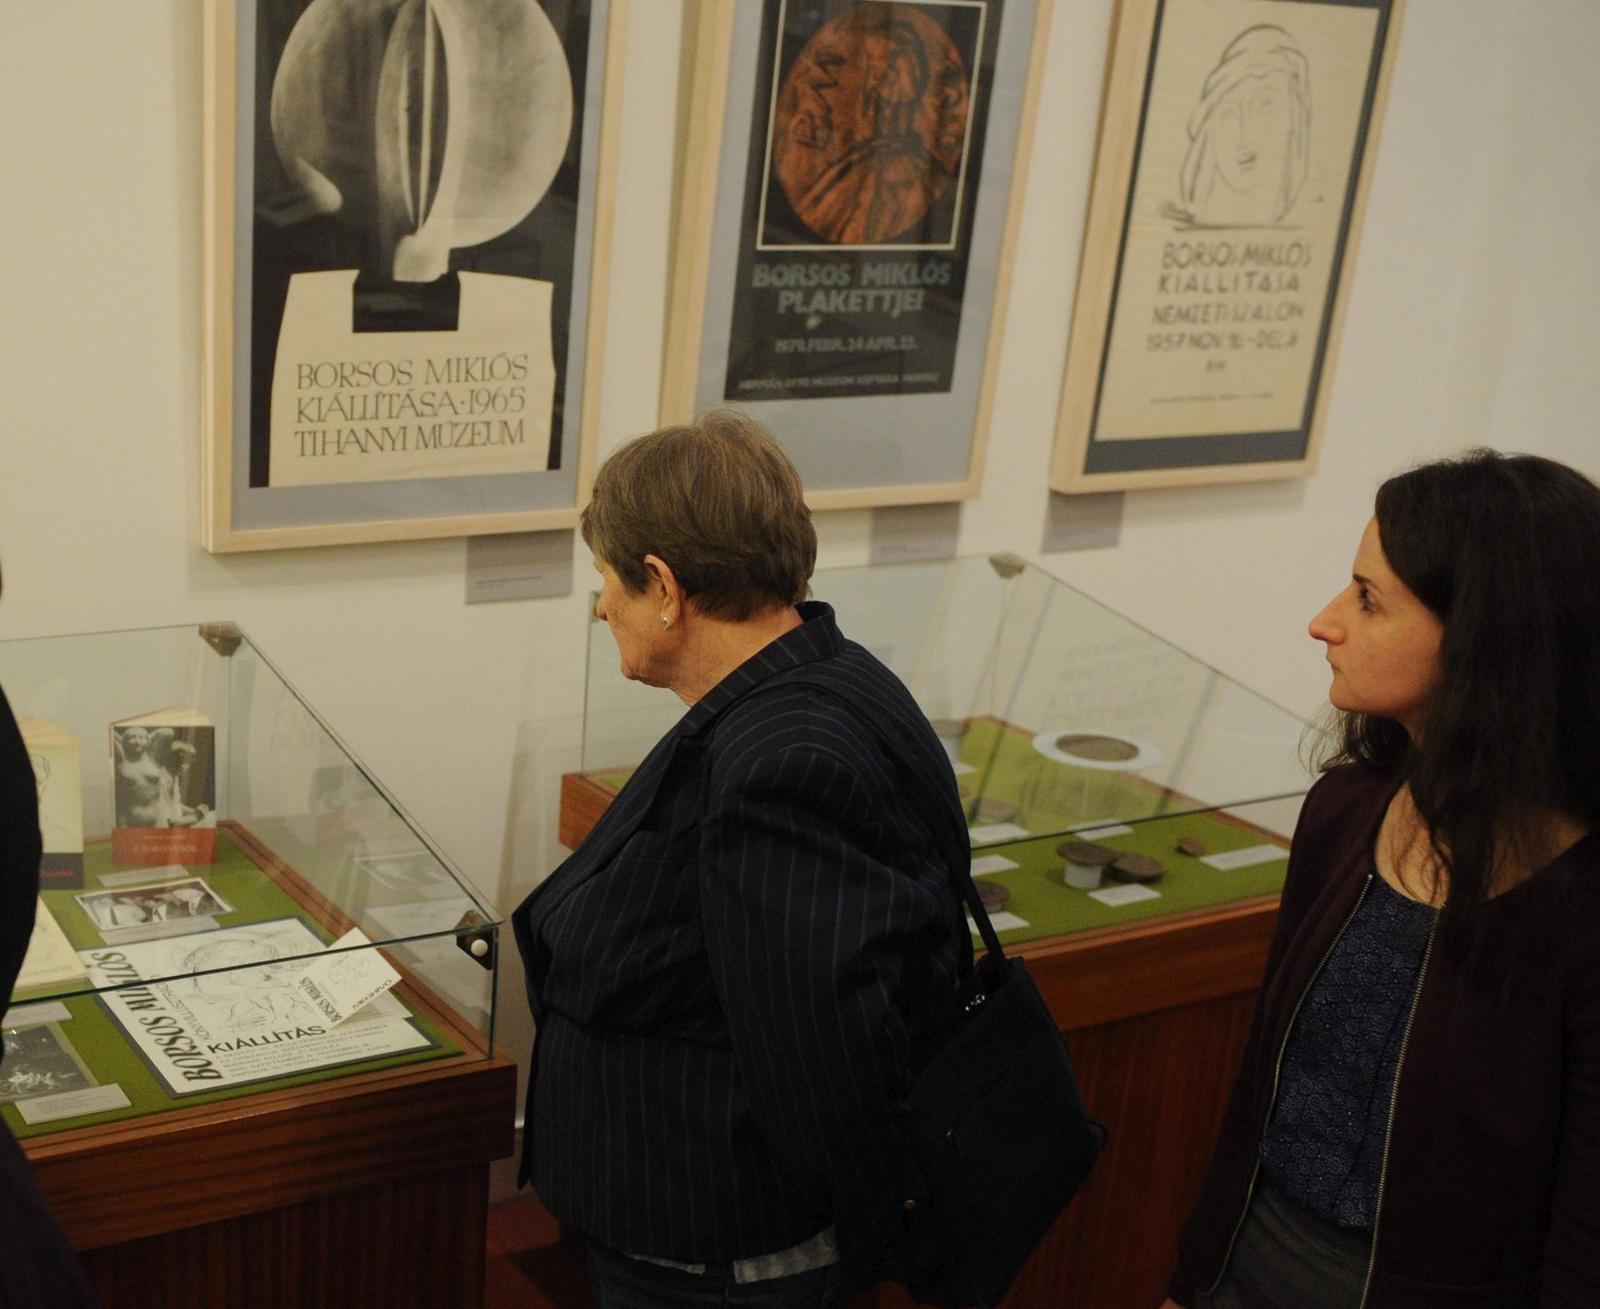 Borsos Miklos-emlékkiállítás megnyitó (17)